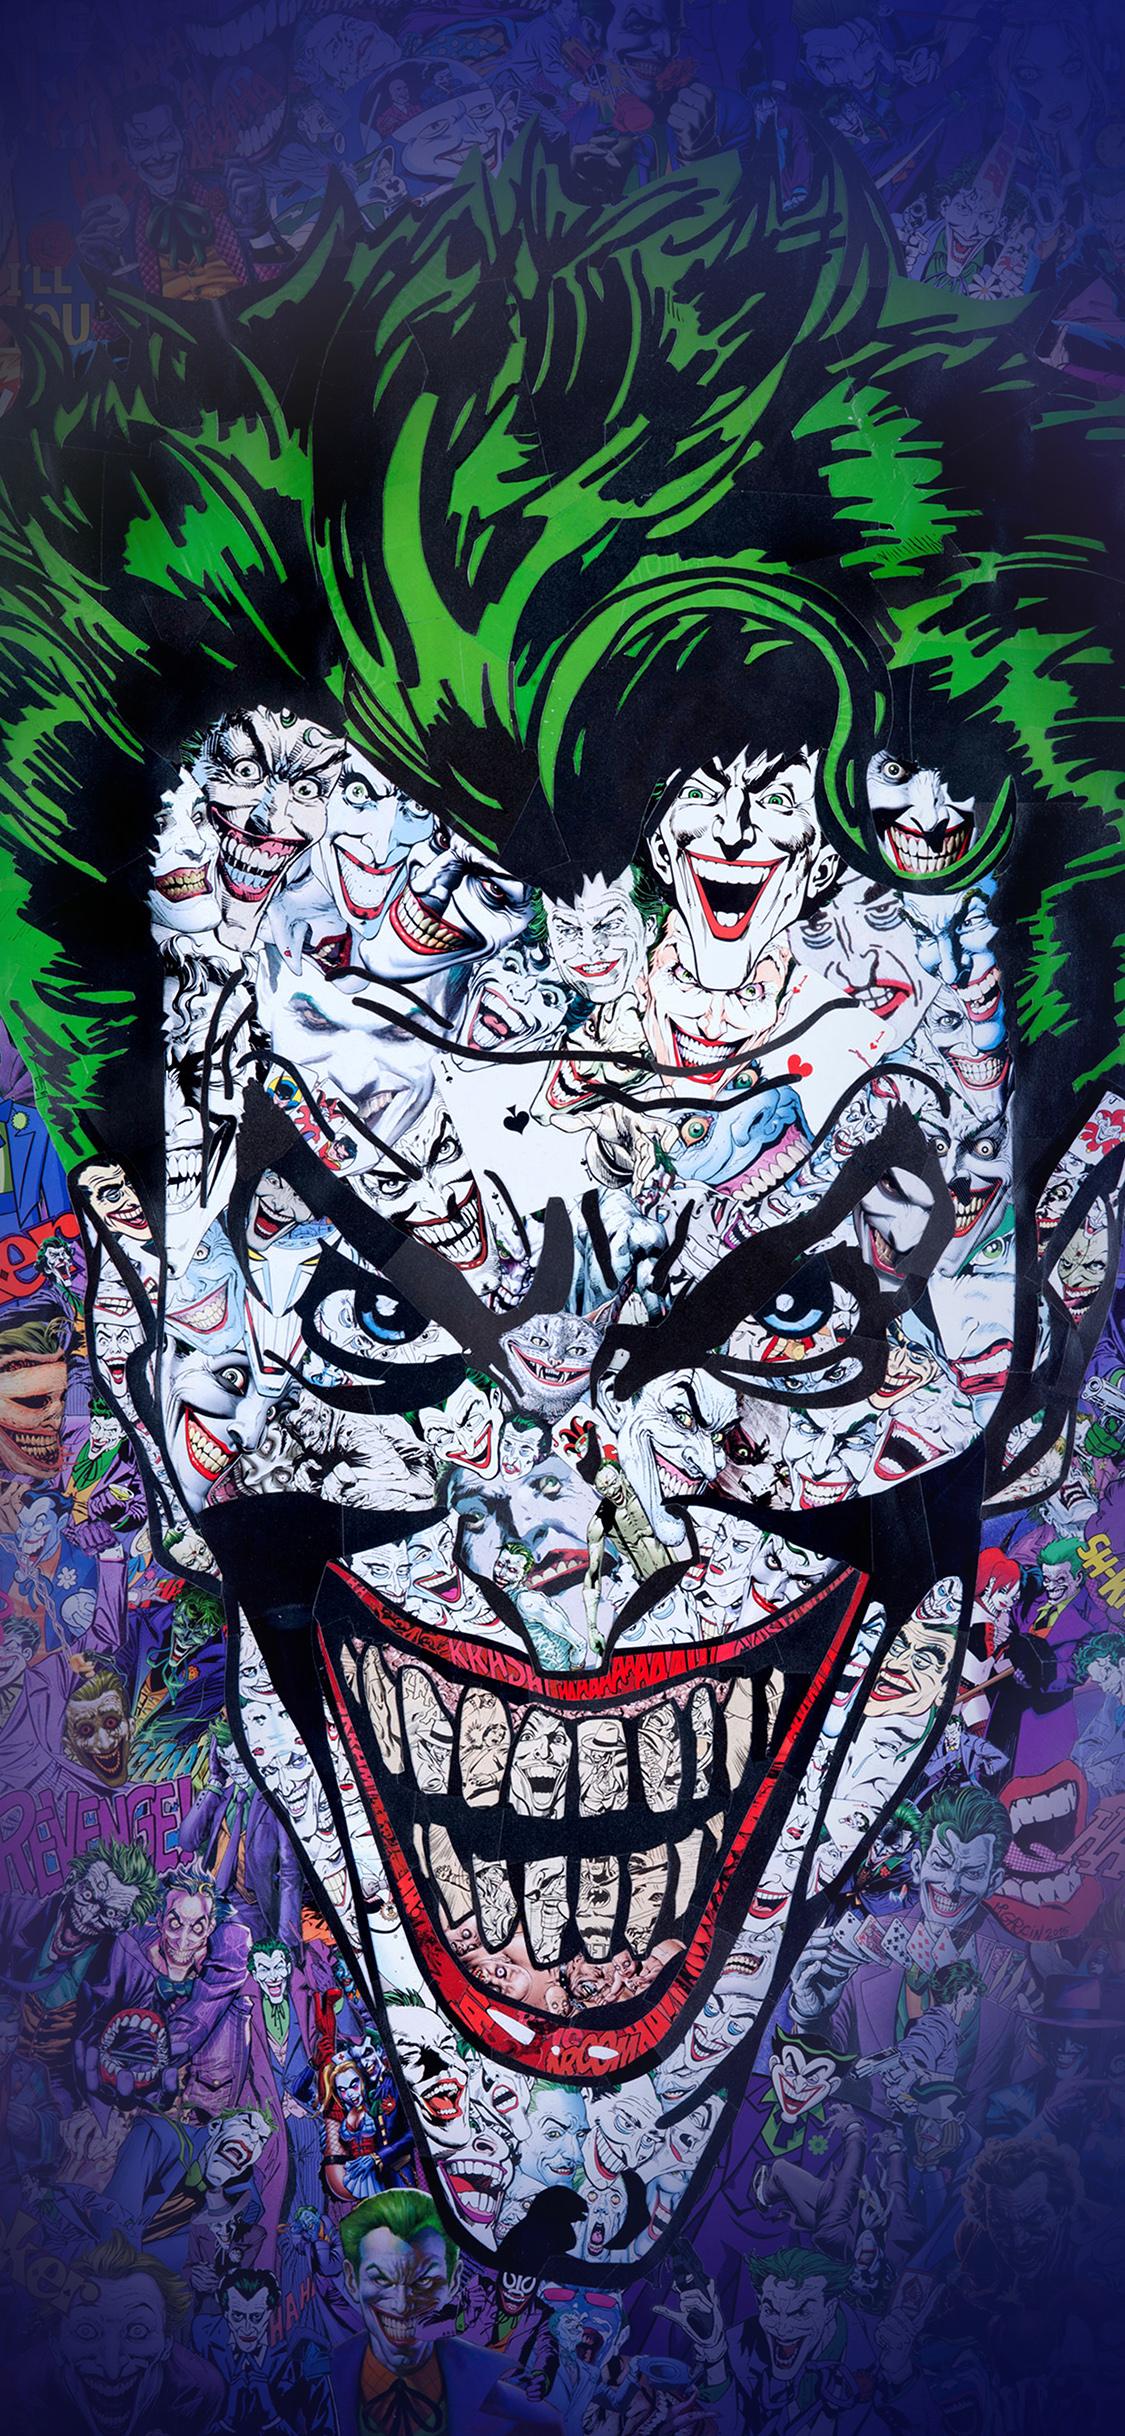 Iphone X - Joker Wallpaper Iphone X , HD Wallpaper & Backgrounds